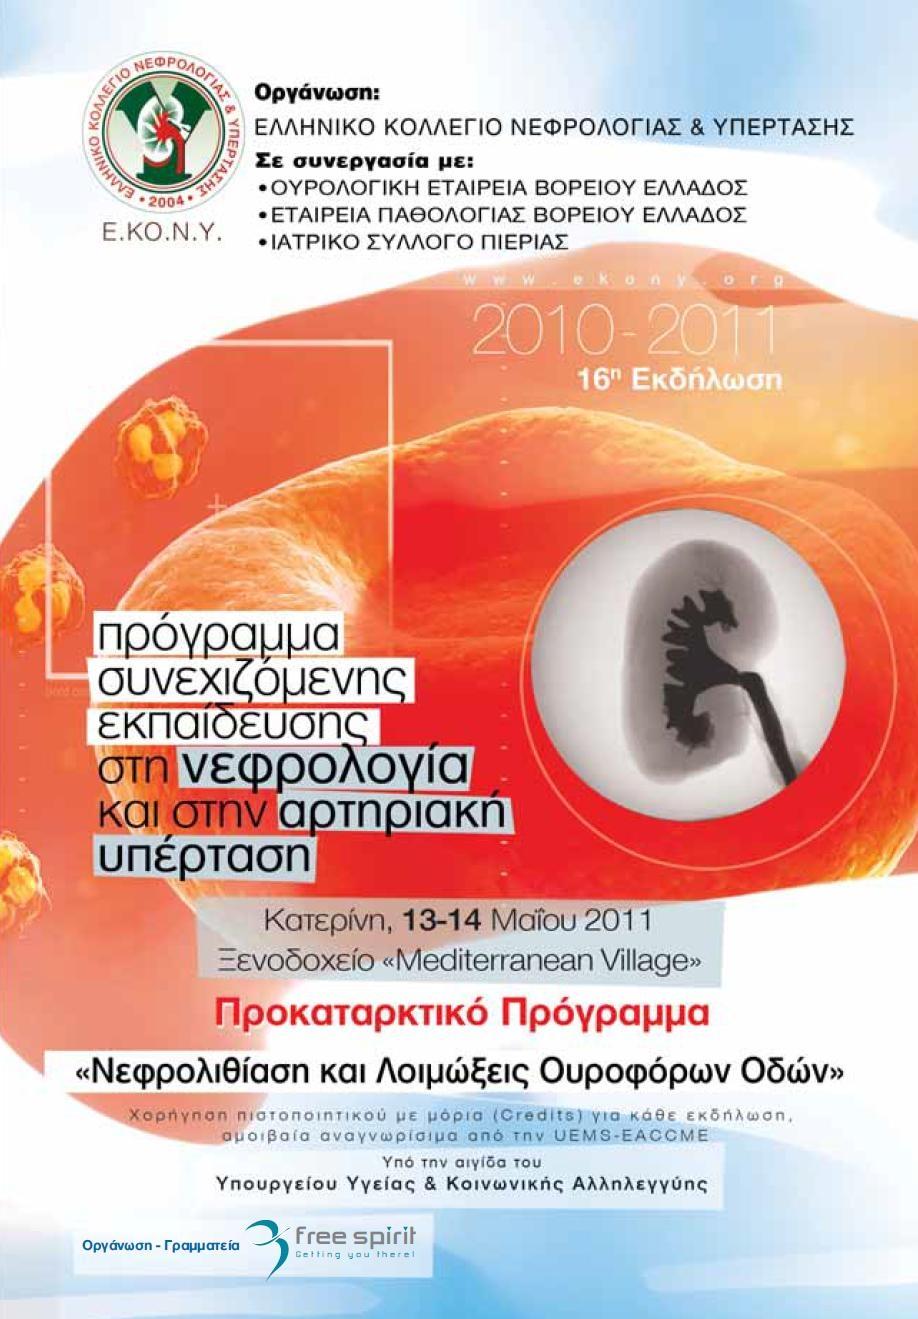 Νεφρολιθίαση και Λοιμώξεις Ουροφόρων Οδών